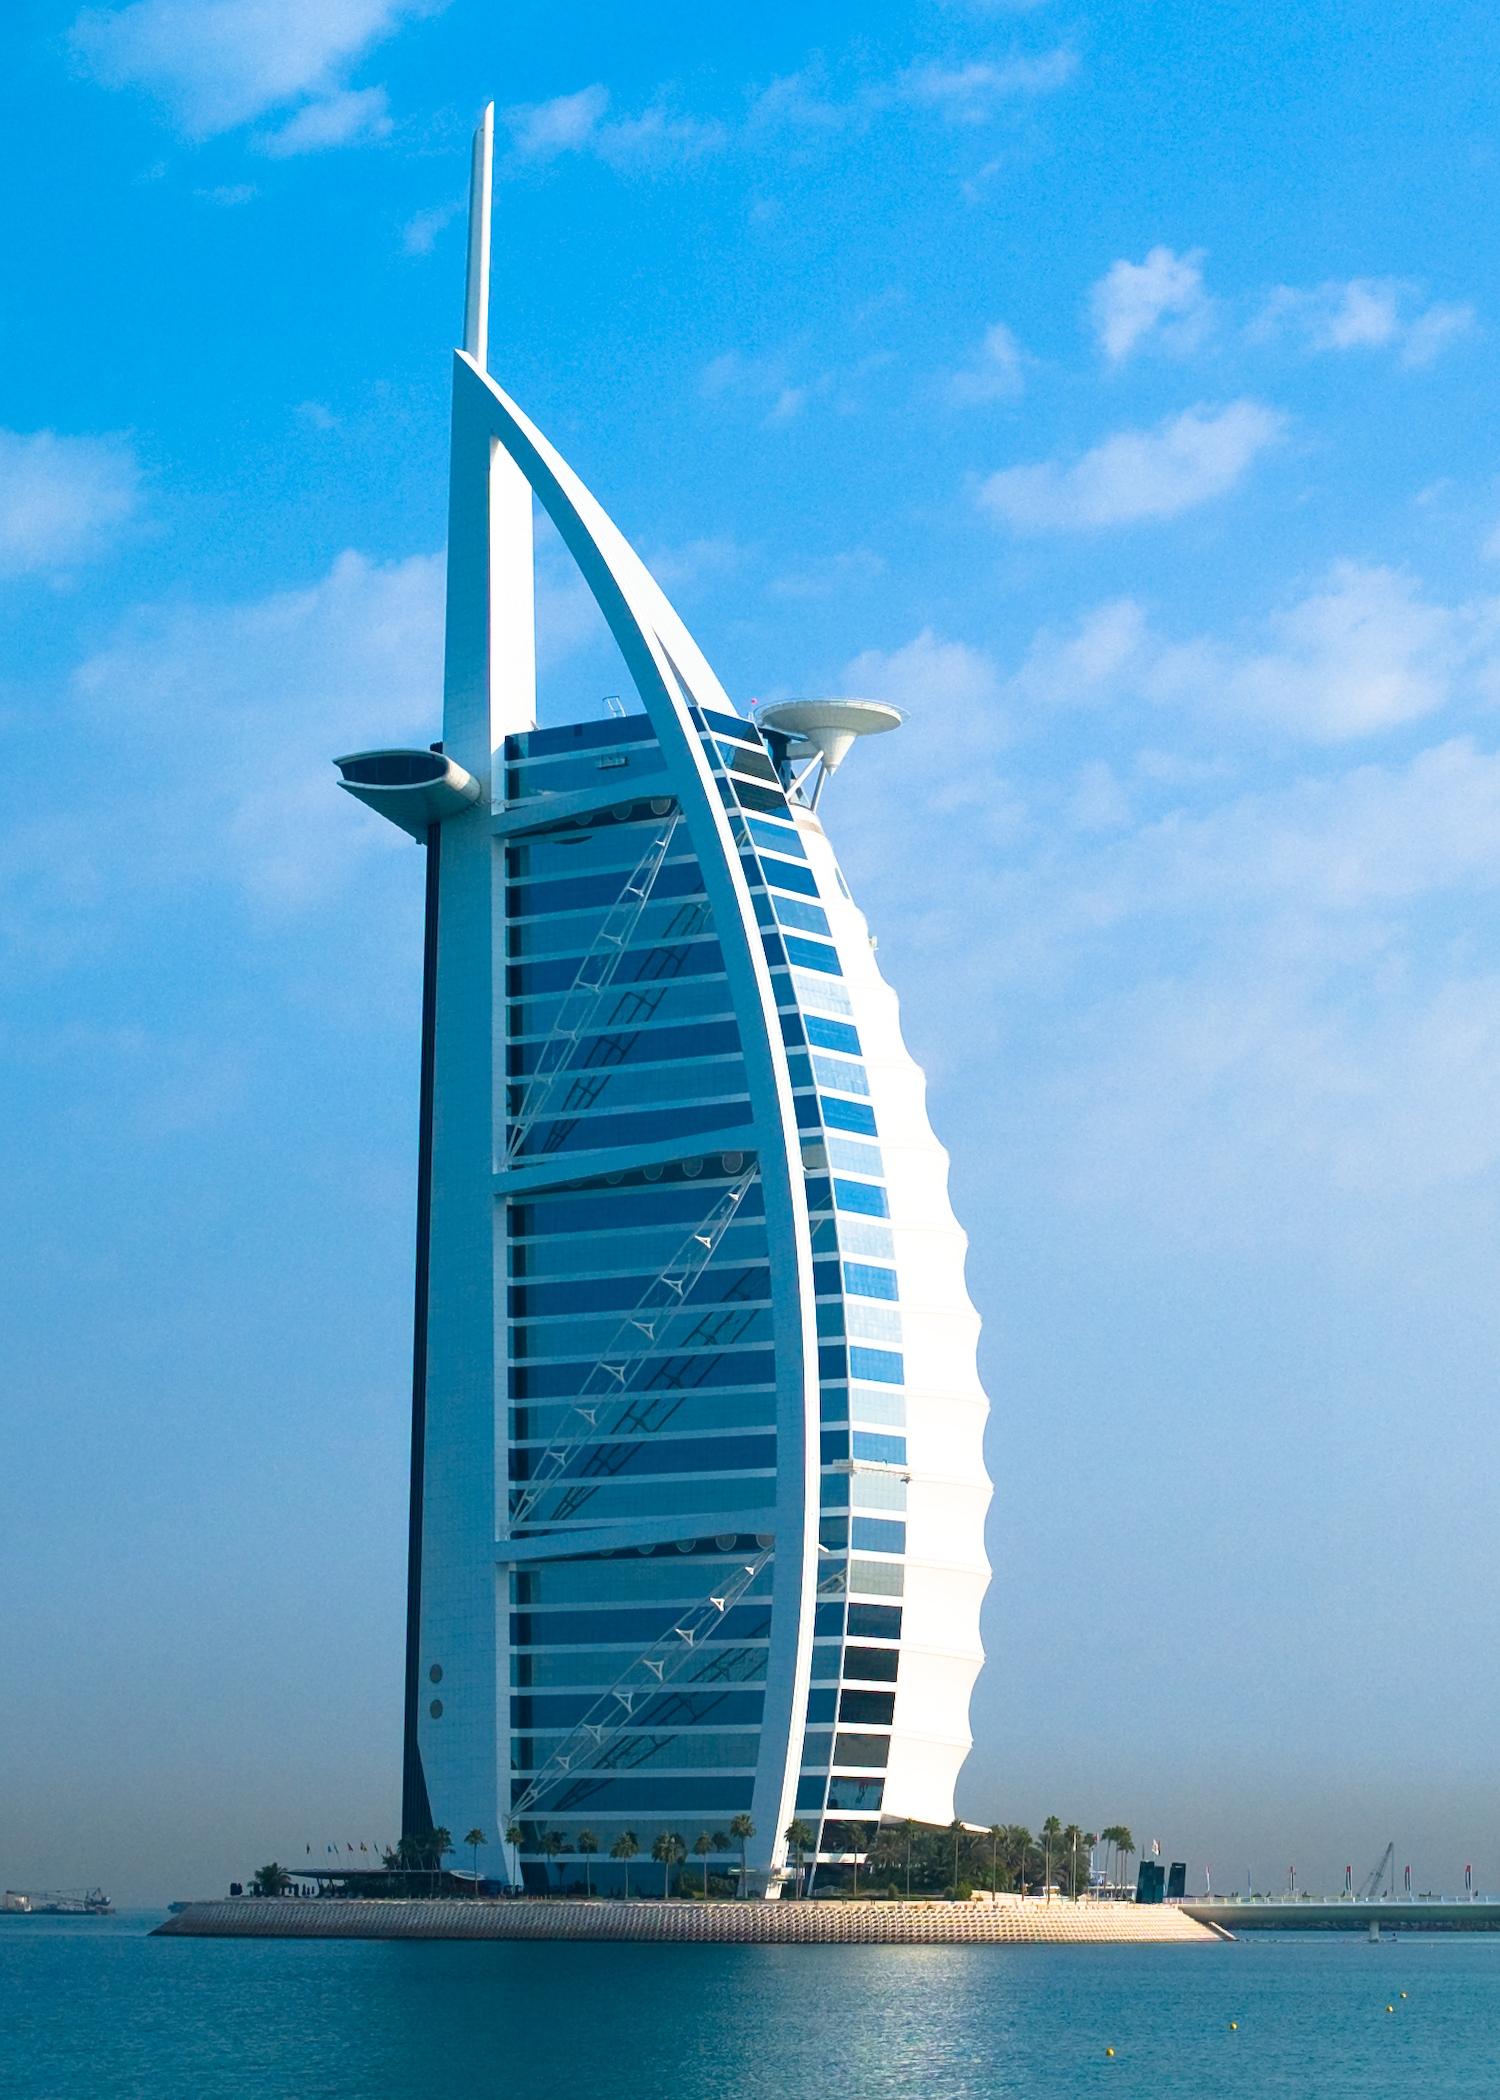 Burj Al Arab Dubai UAE